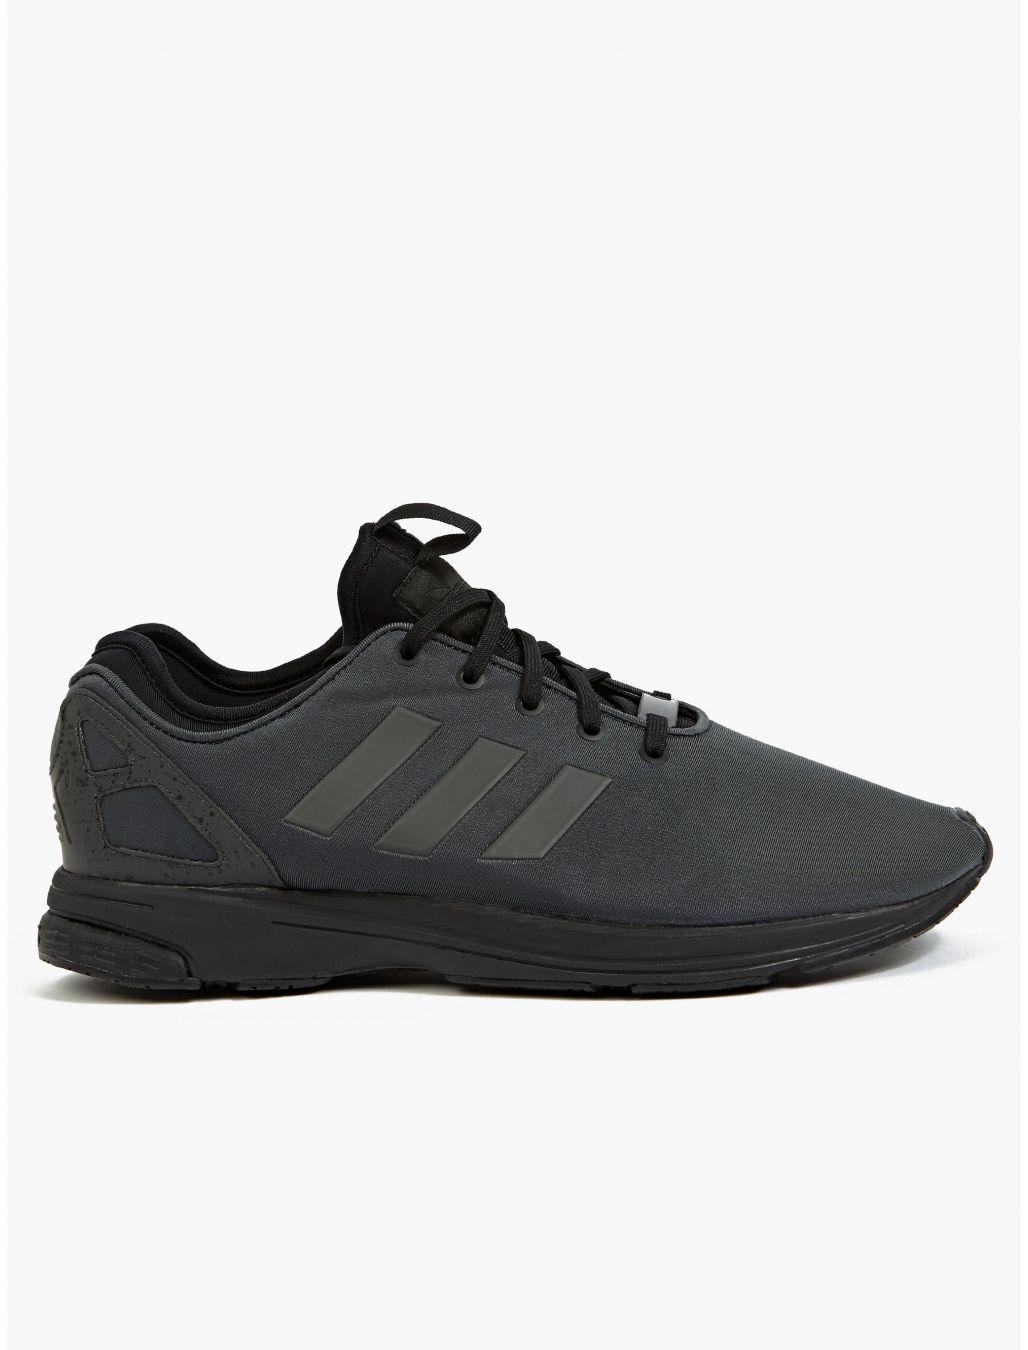 1adce4a67e31c Adidas Originals Men s Triple Black ZX Flux Tech NPS Sneakers